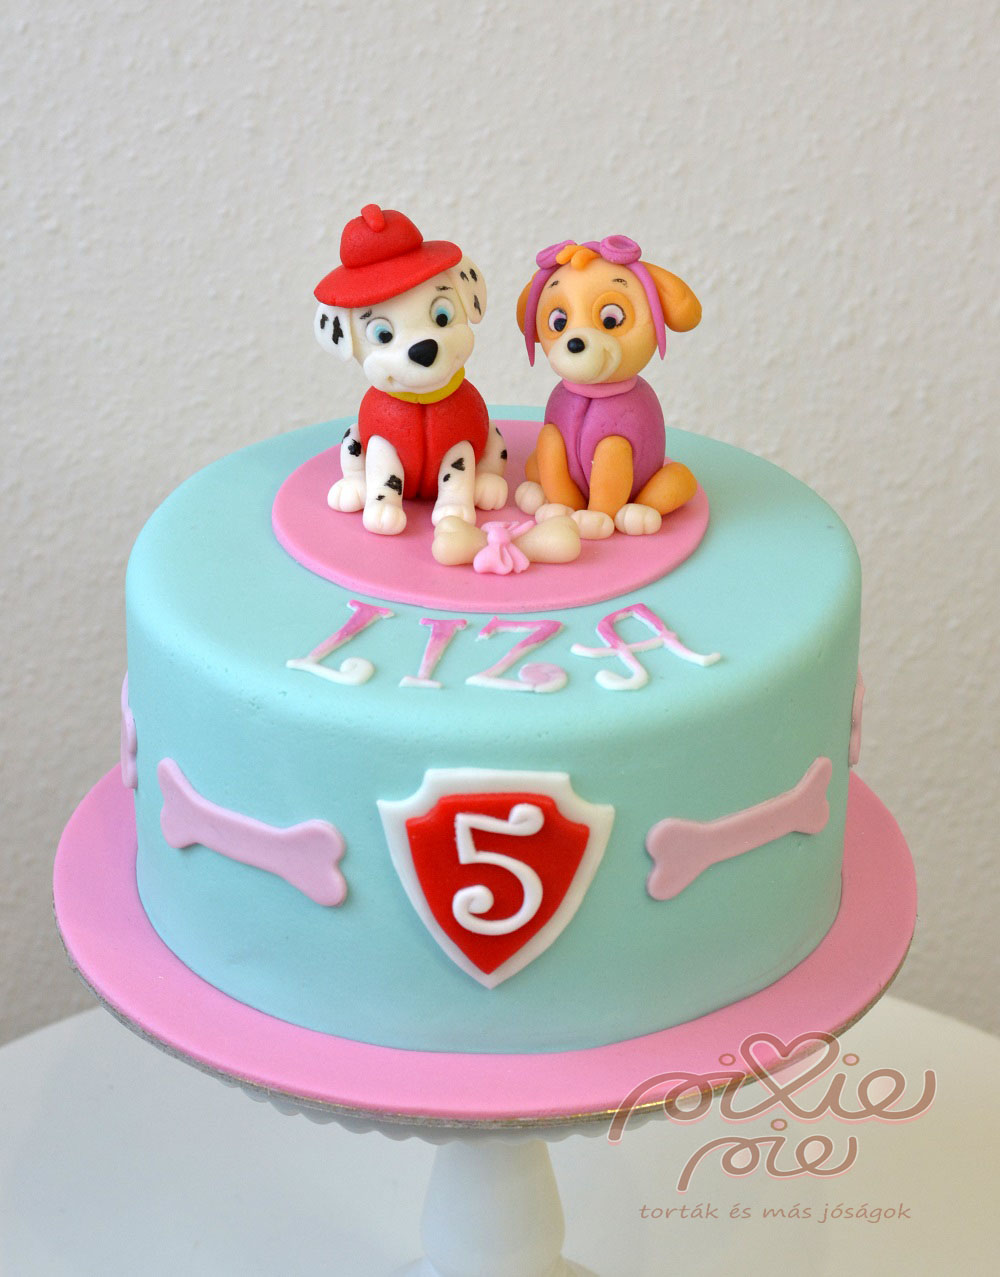 lányos torta képek Mancs lányos torta   PixiePie torta lányos torta képek